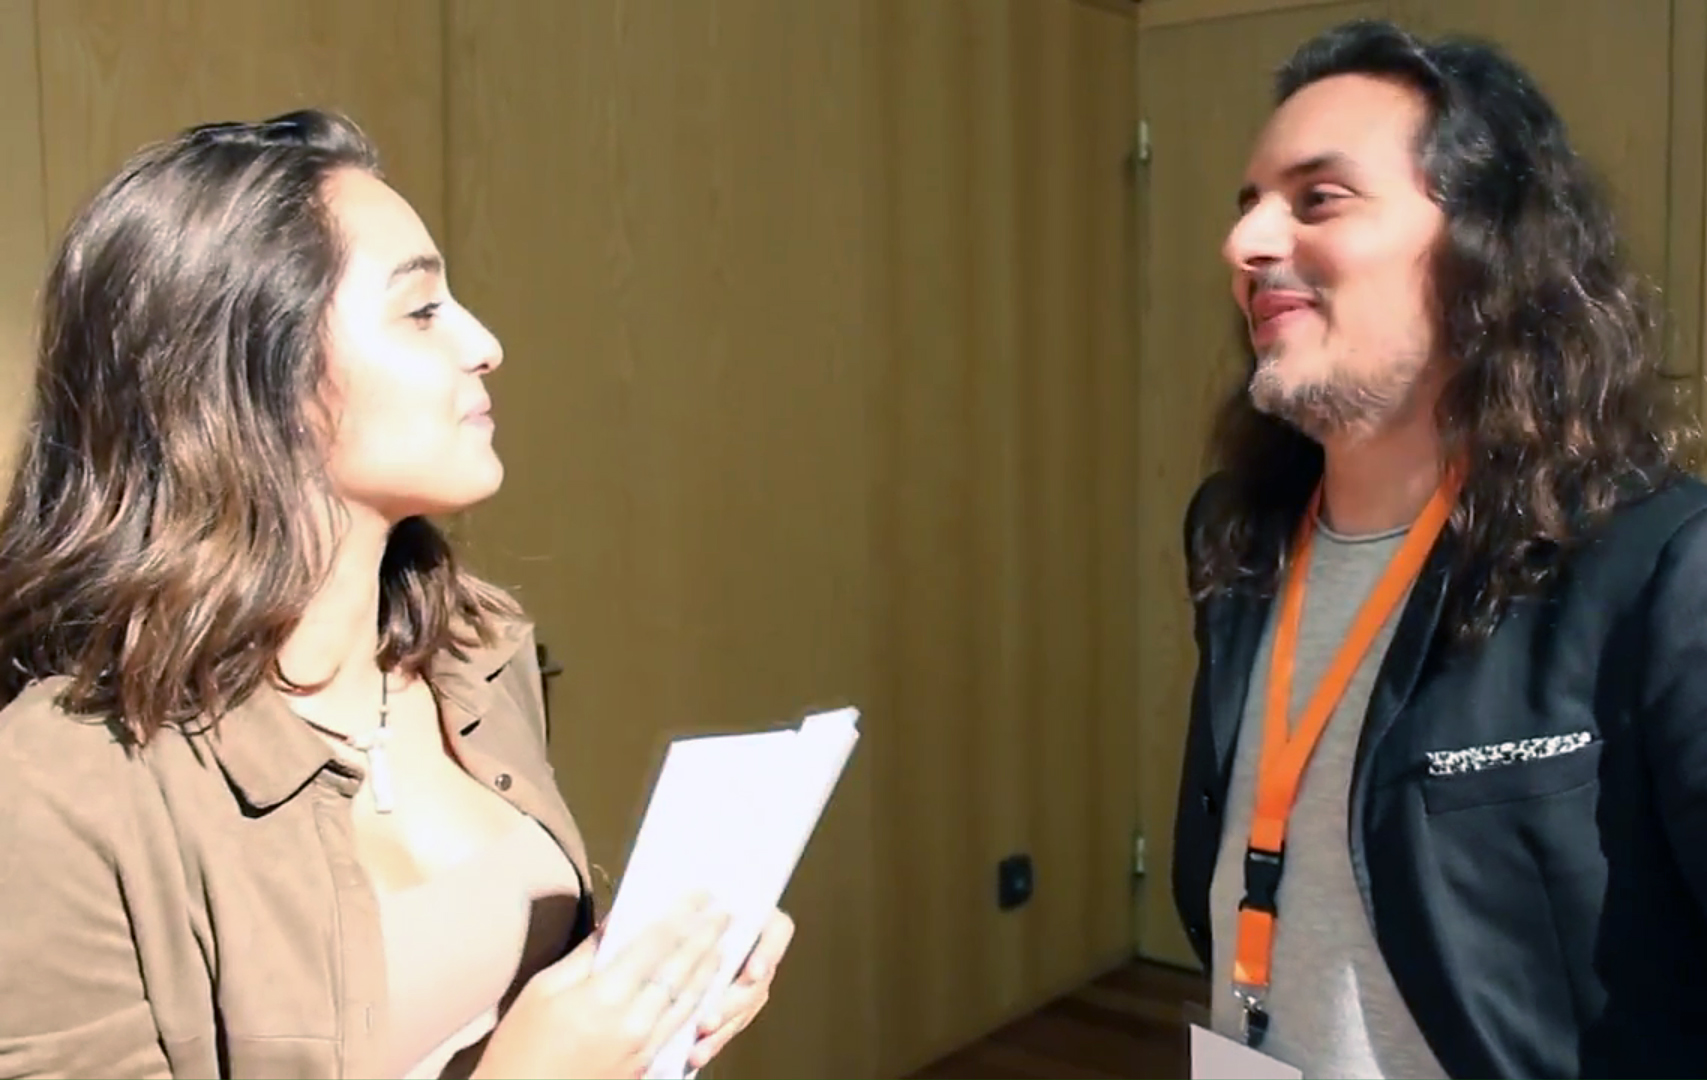 Pedro Silva-Santos e Angie Costa